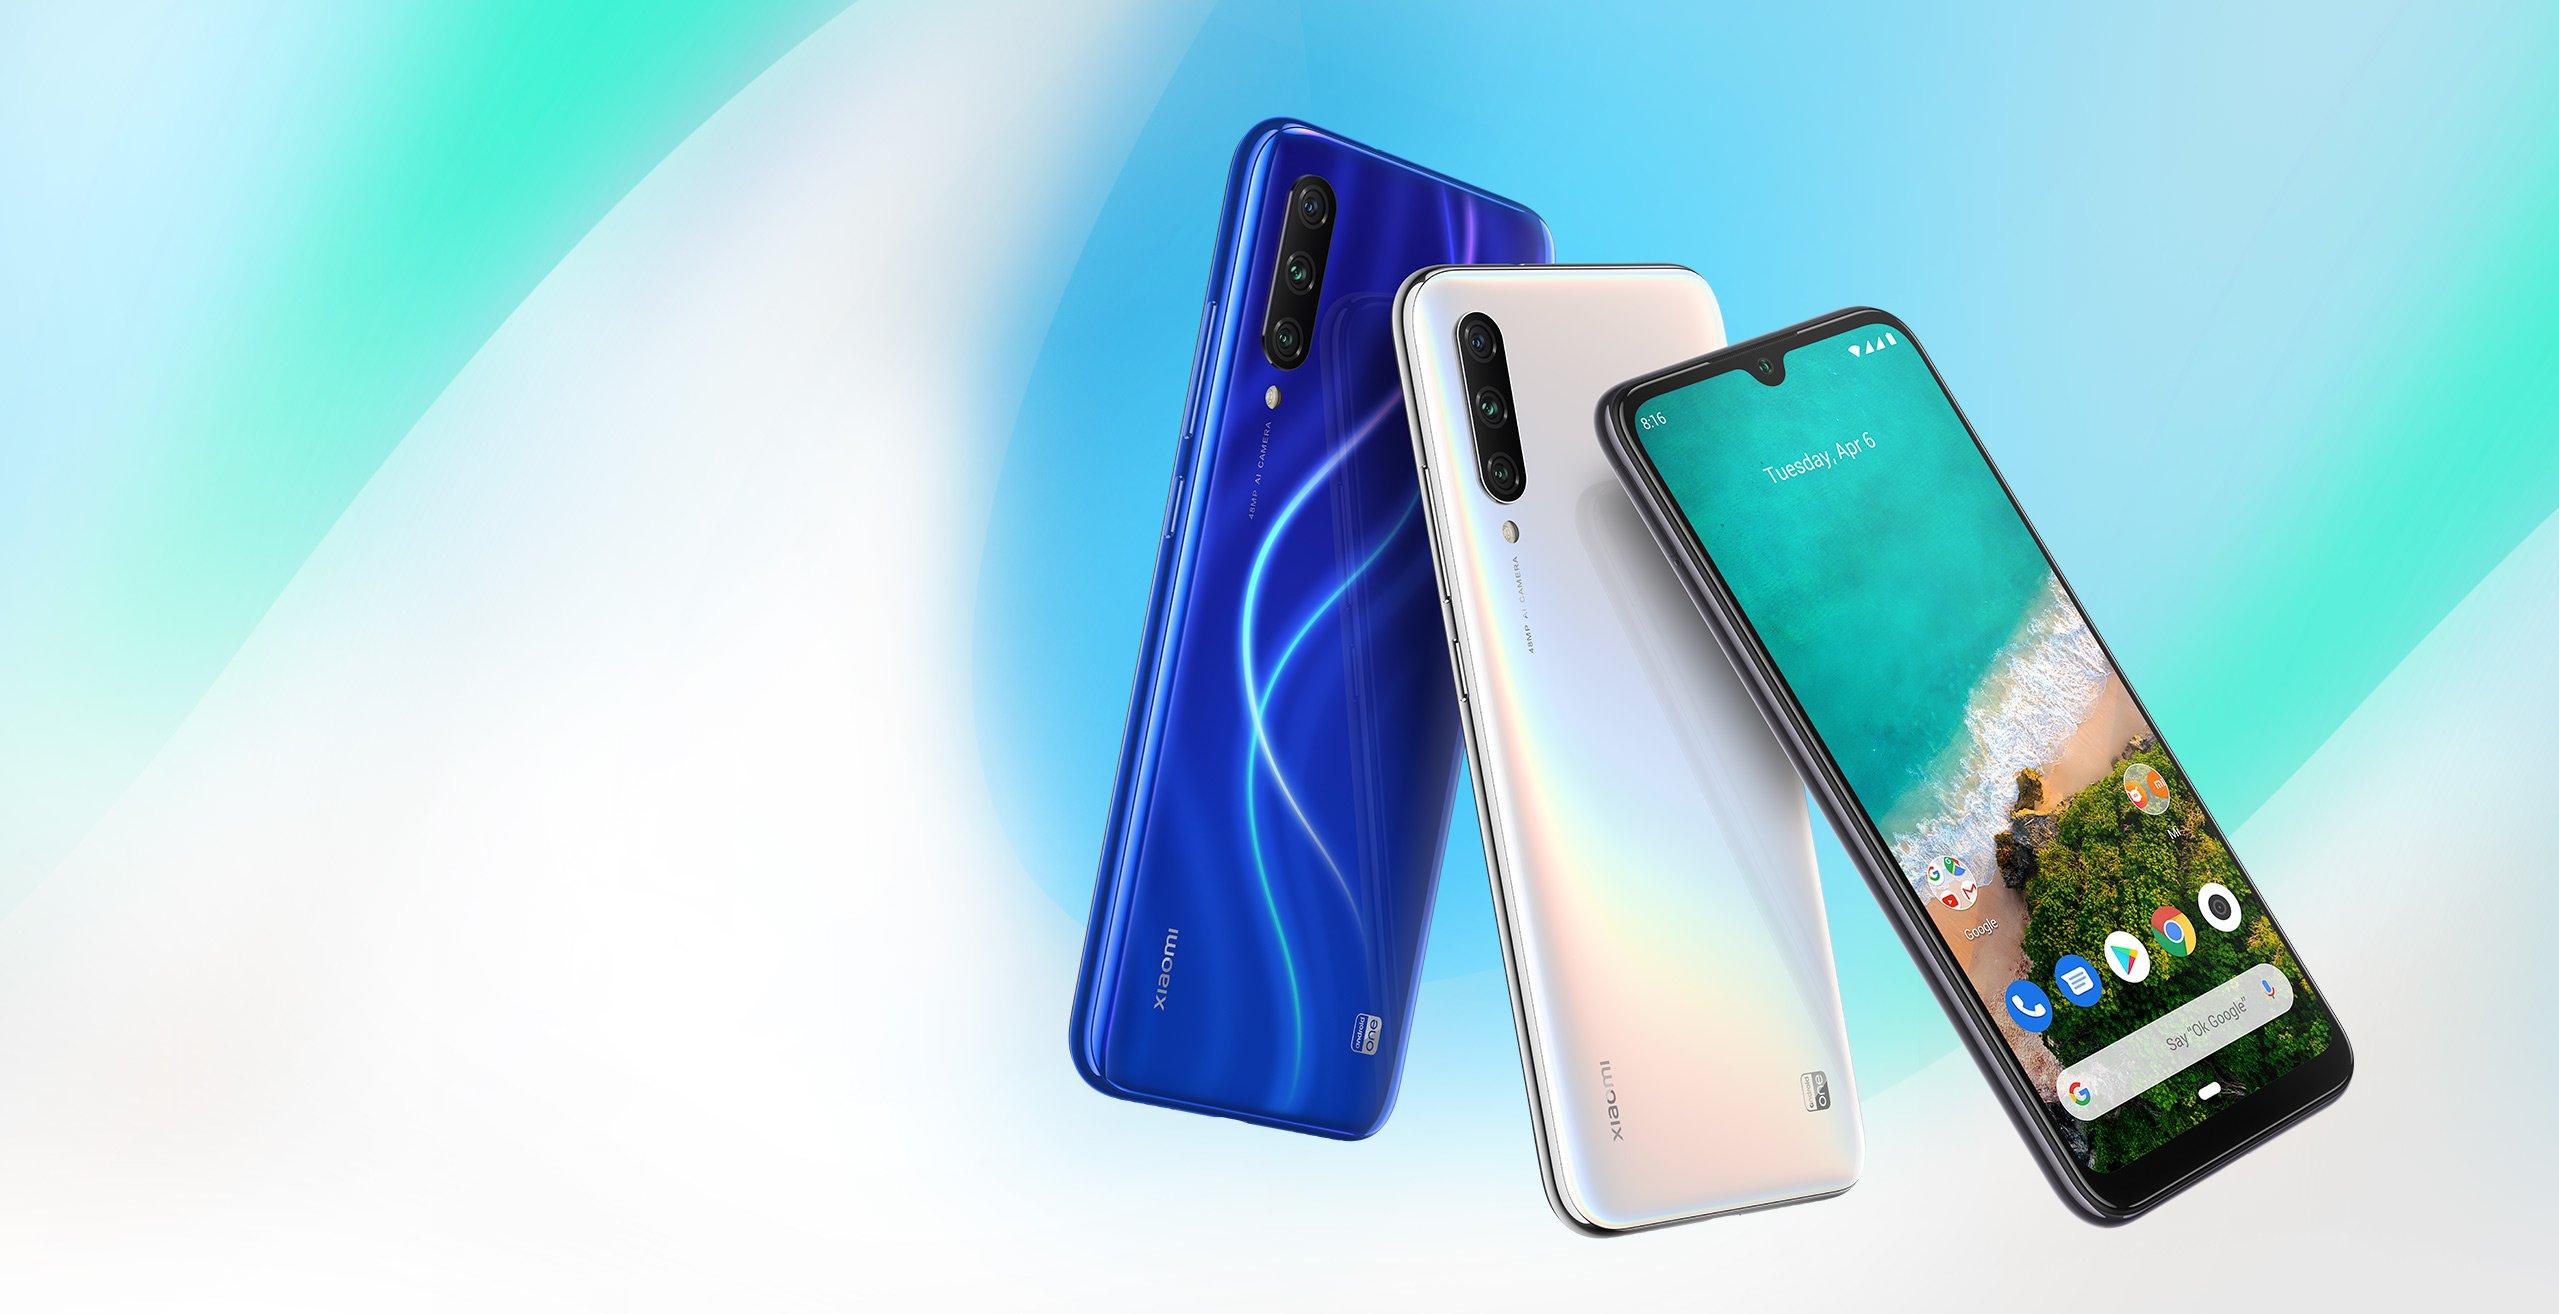 مقارنة بين أبزر هواتف الفئة المتوسطة هاتف Xiaomi Mi A3 وهاتف Redmi Note 7